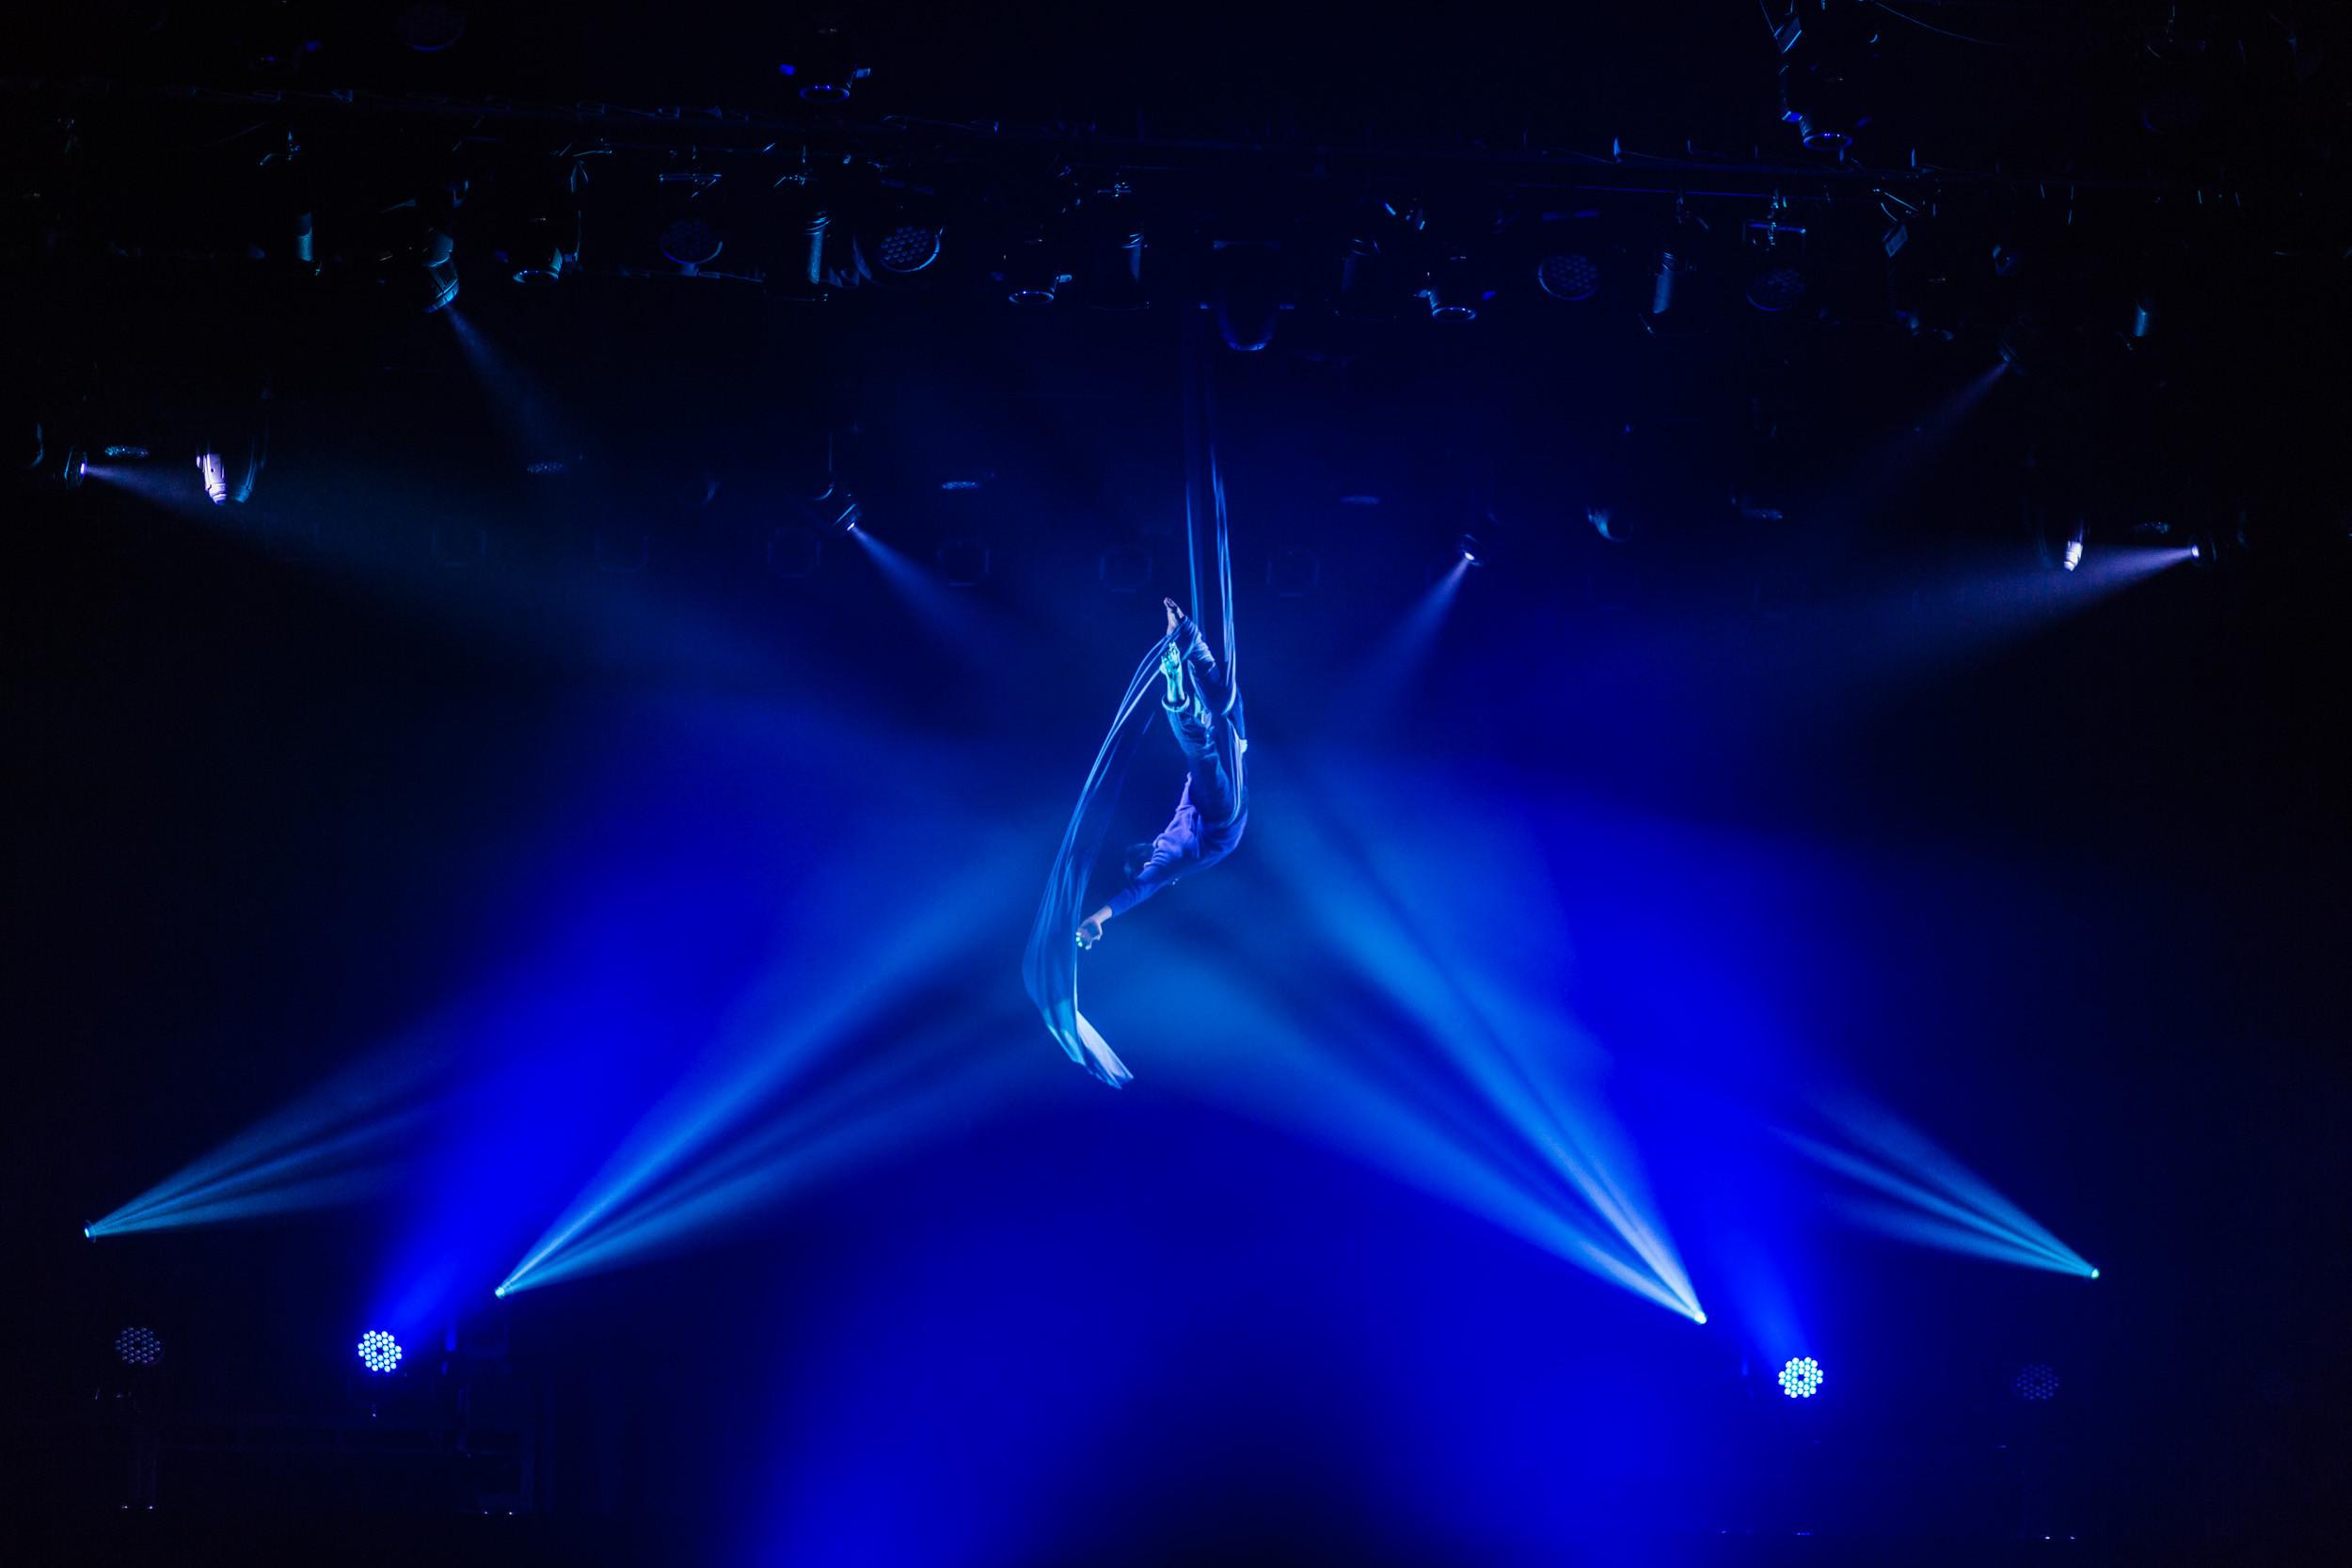 空間演出照明